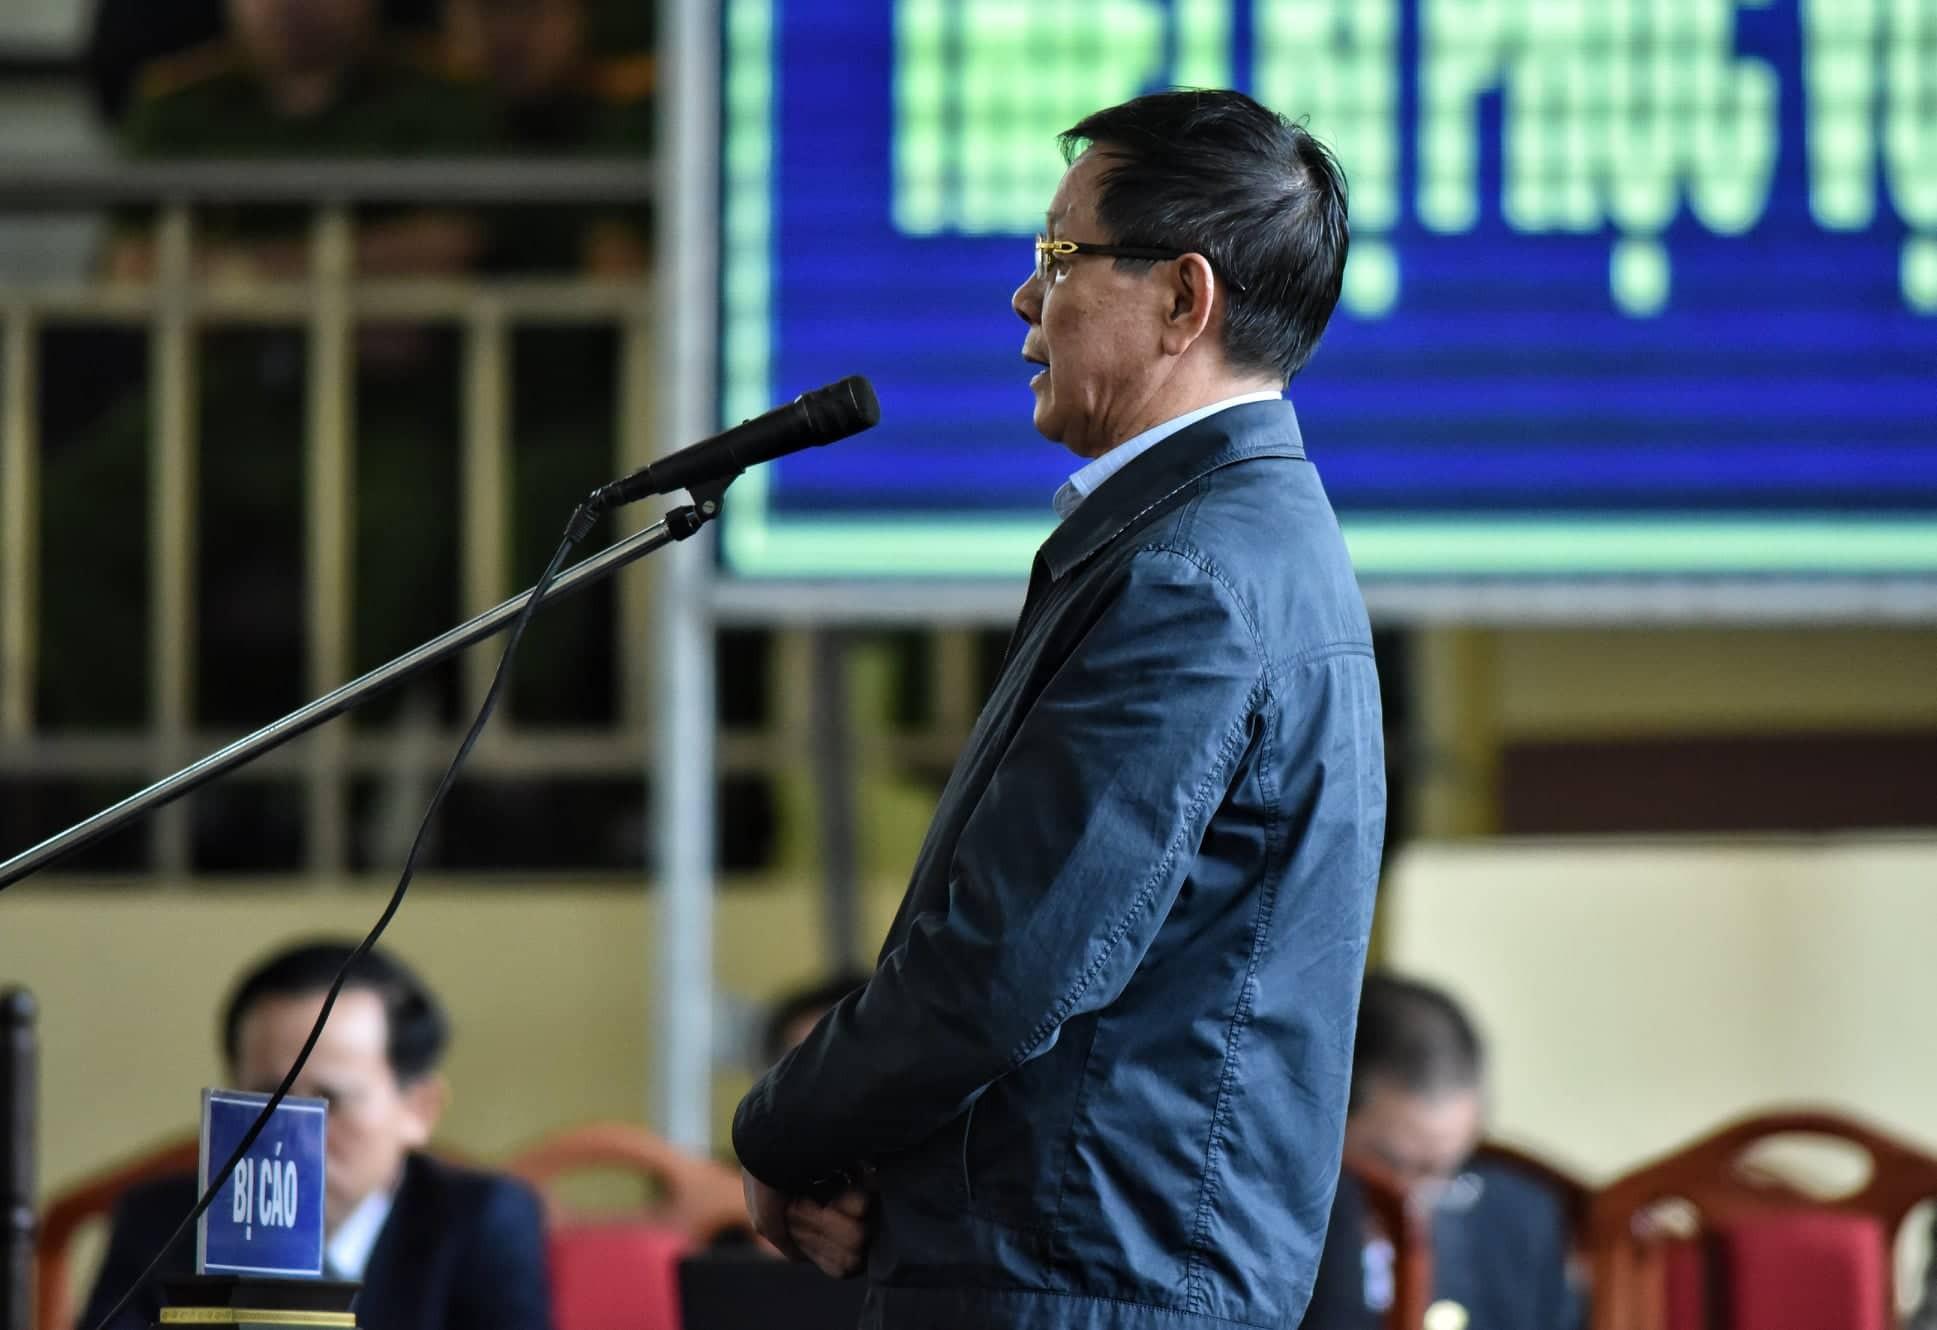 Ông Phan Văn Vĩnh khai bán cây cảnh 1,1 tỉ mua đồng hồ Rolex - Ảnh 1.